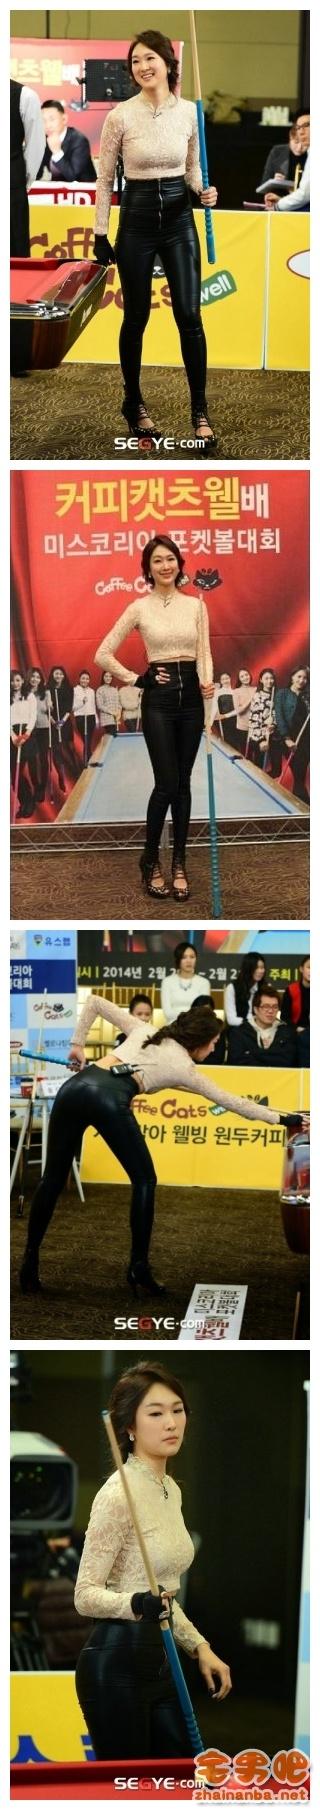 韩国 美女 紧身裤 宋多恩 图片